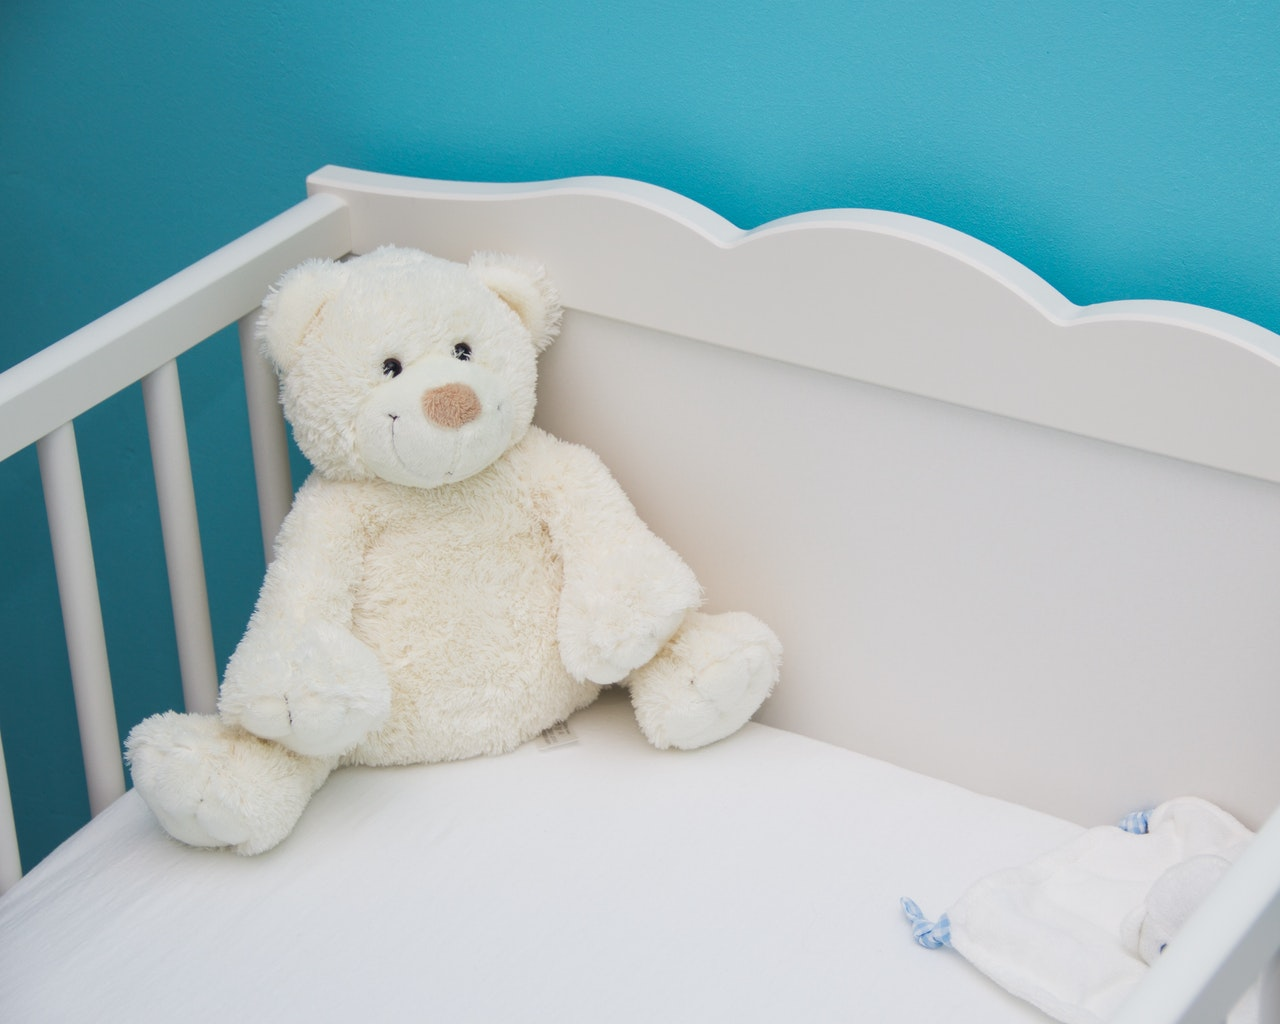 L'utero surrogato in Ucraina, è legale la maternità surrogata in Ucraina, come si svolge, requisiti e costi